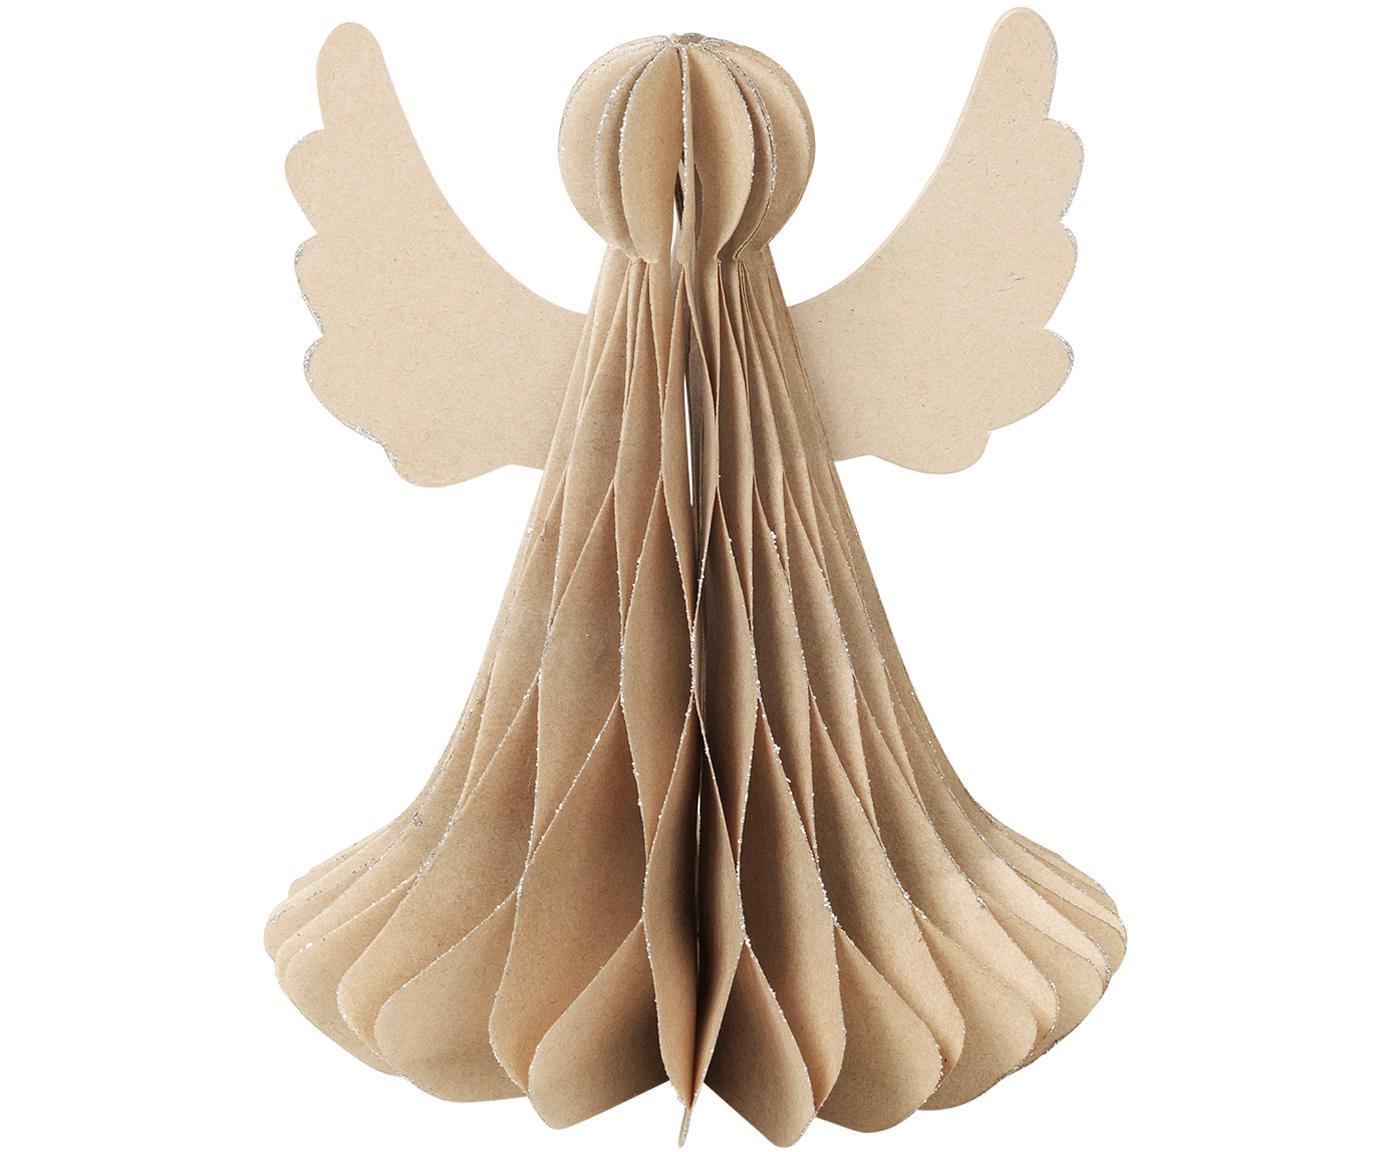 Piezas decorativas Angel, 2uds., Papel, Beige, Ø 10 x Al 13 cm